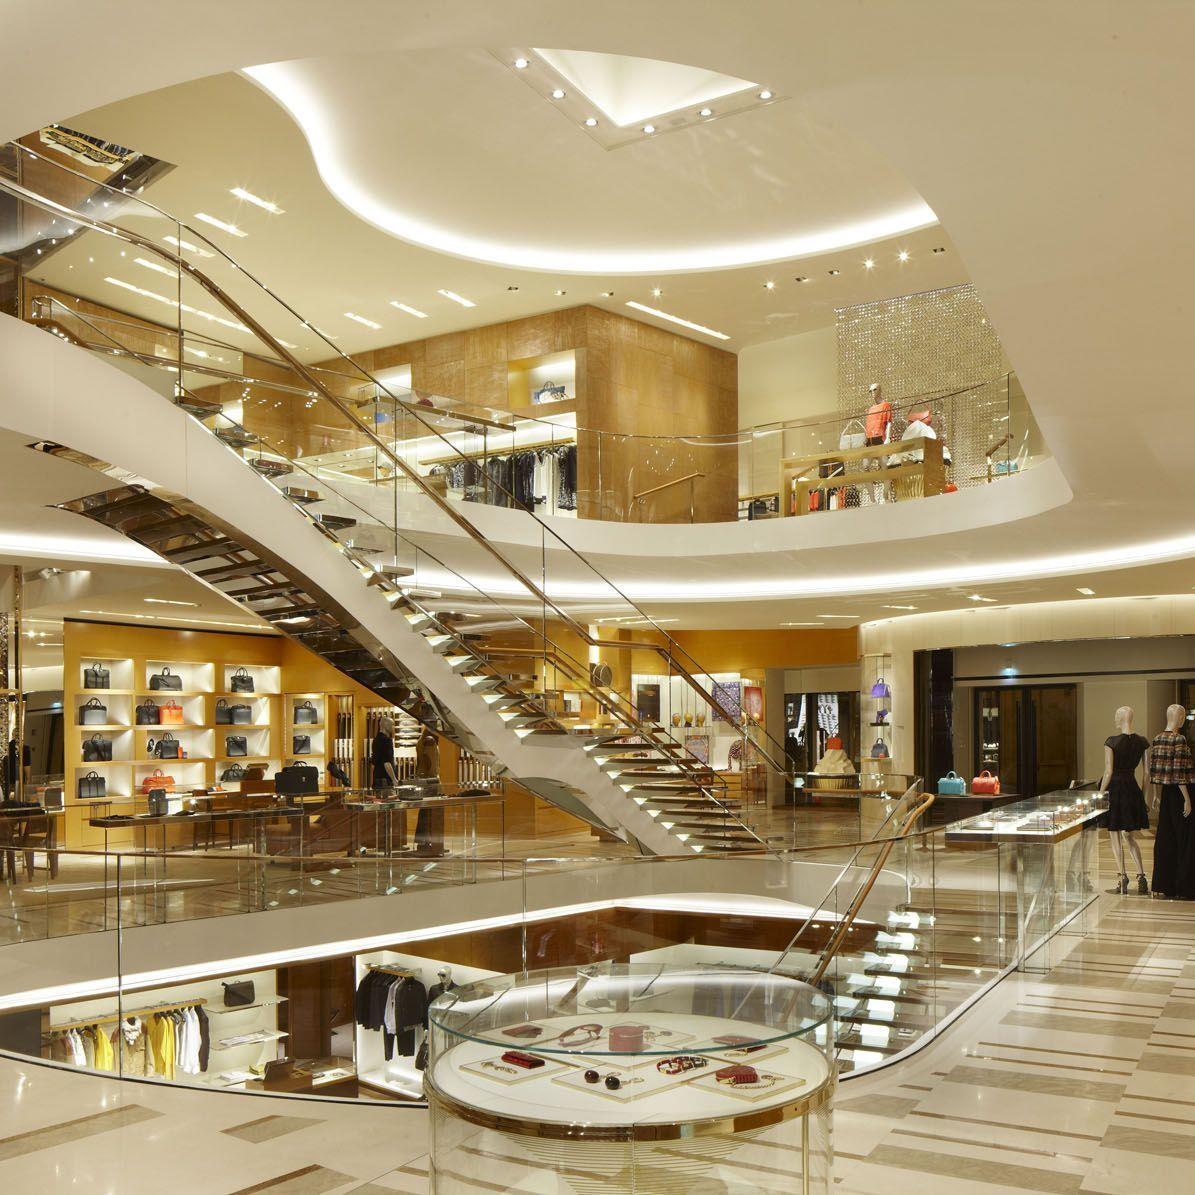 Der neue Store von Louis Vuitton - Luxus pur.